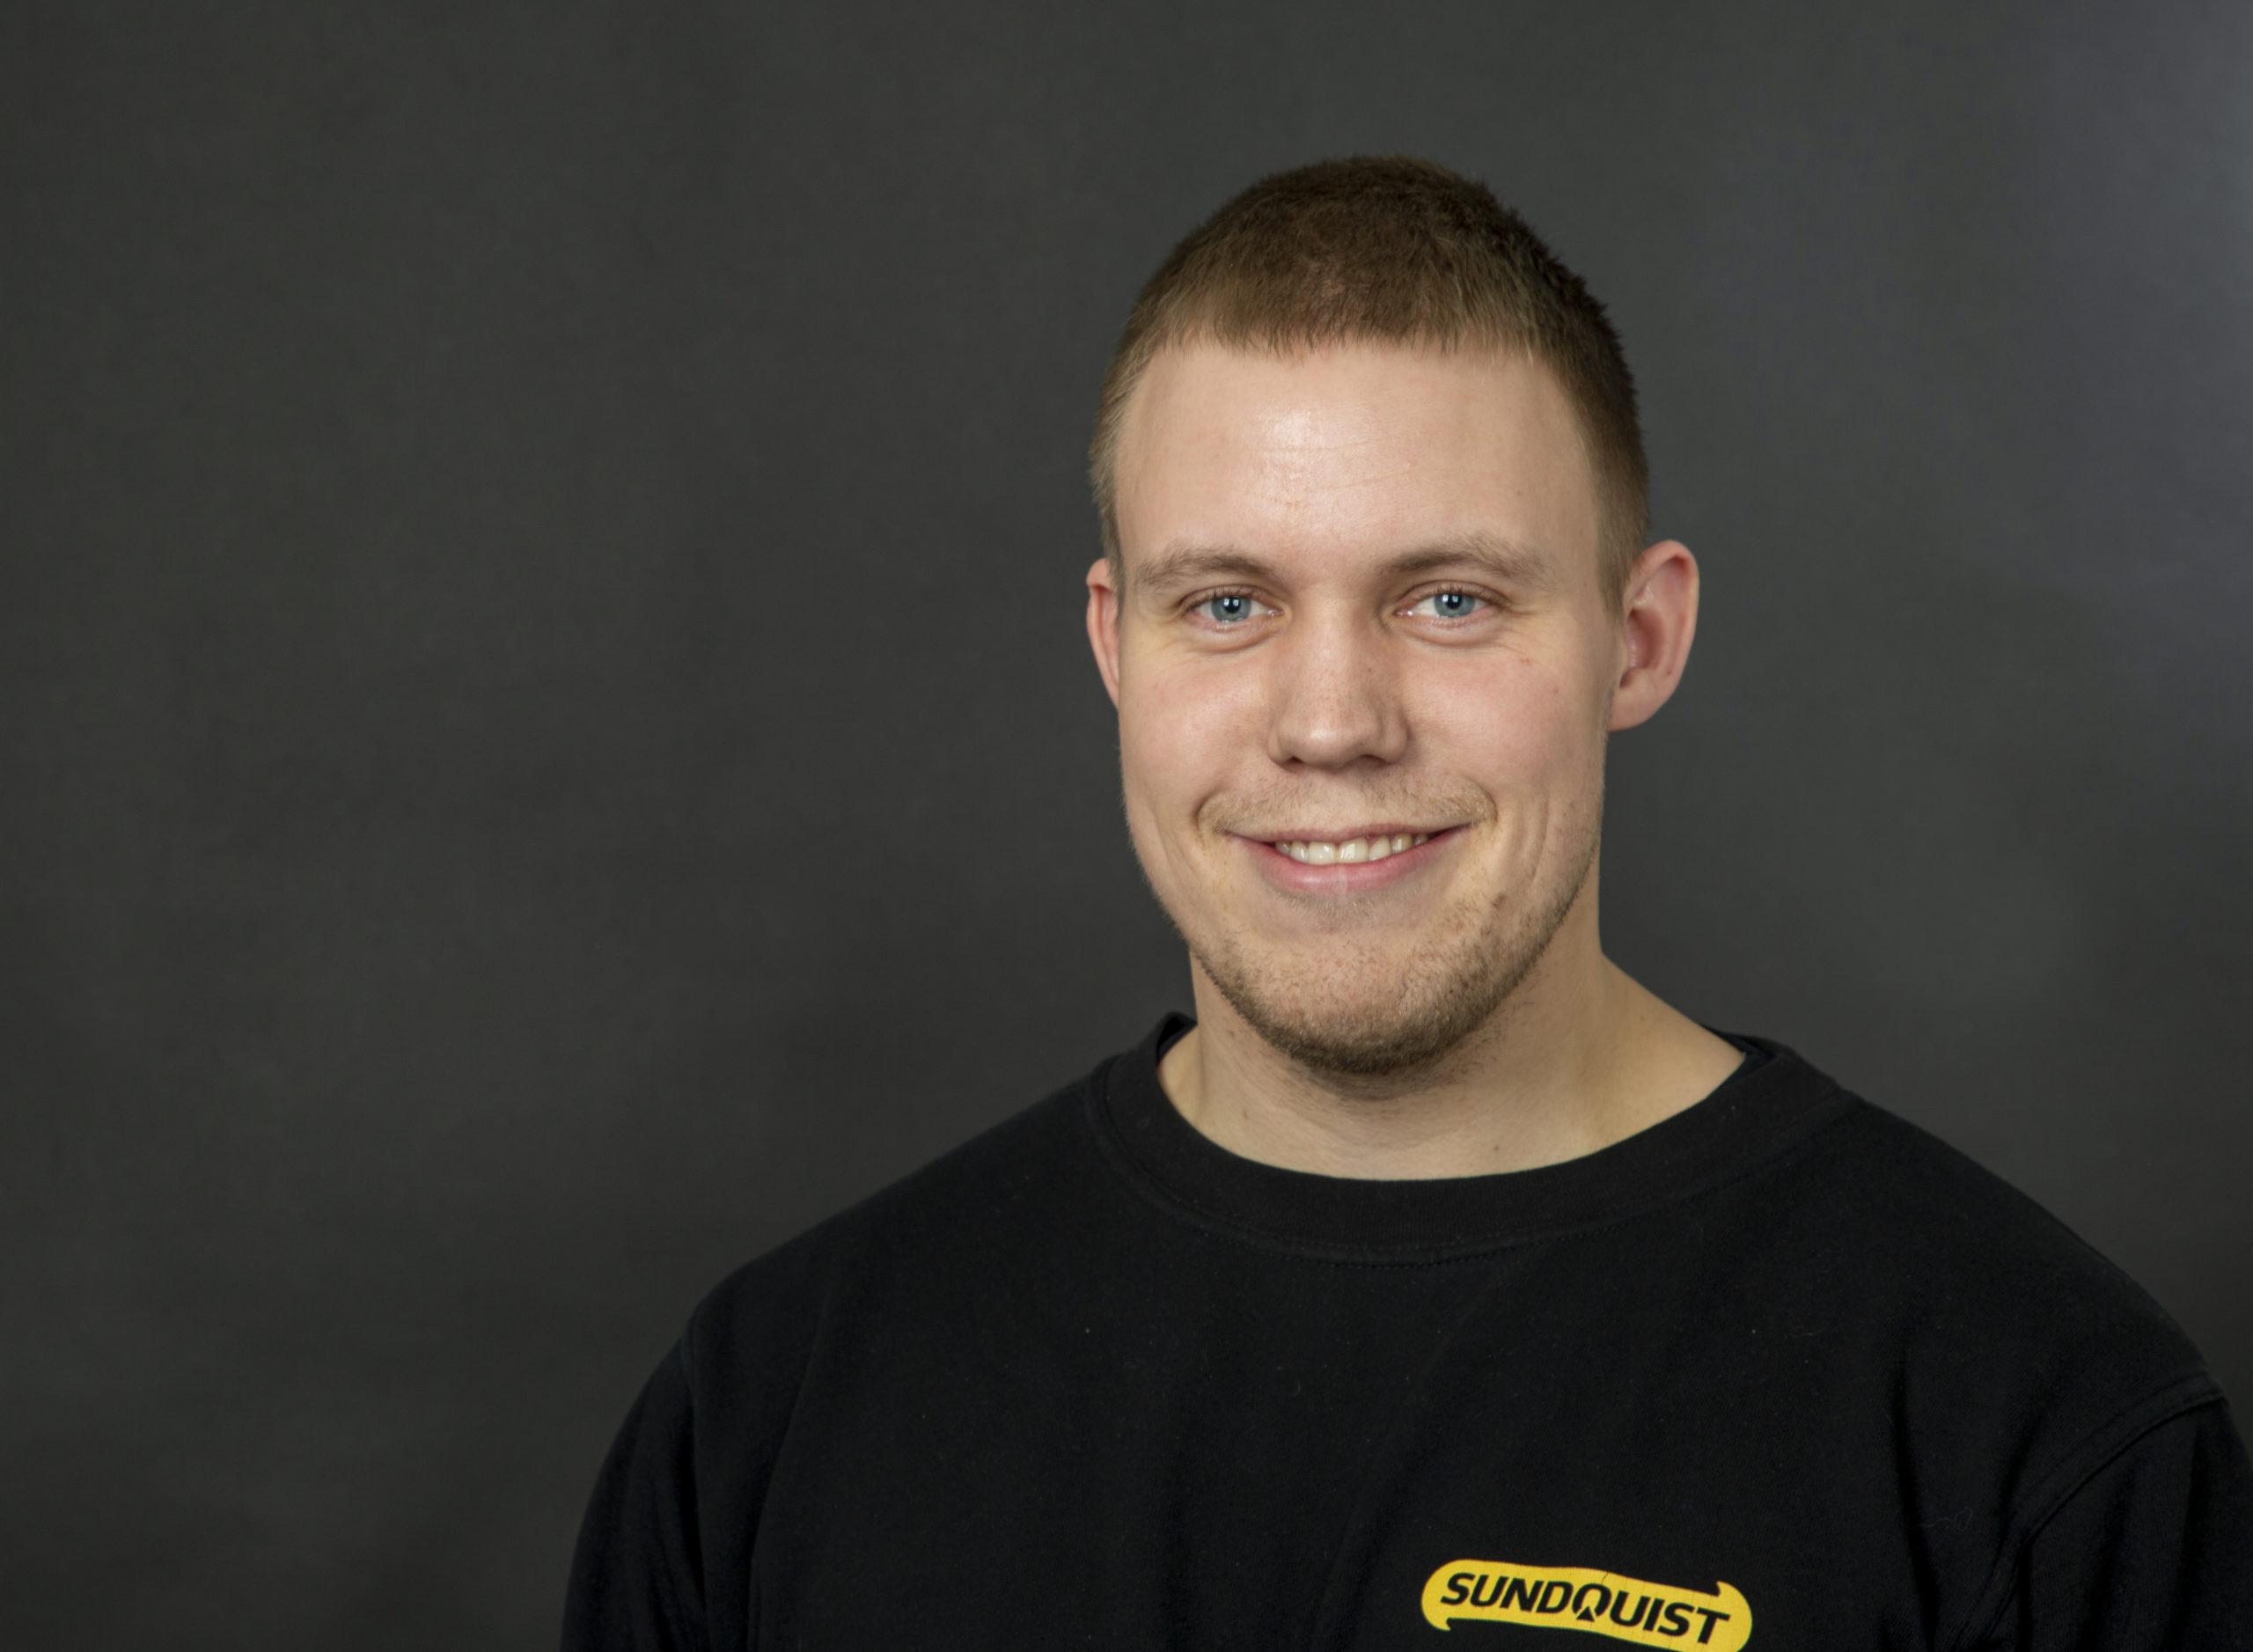 Torjus Lande